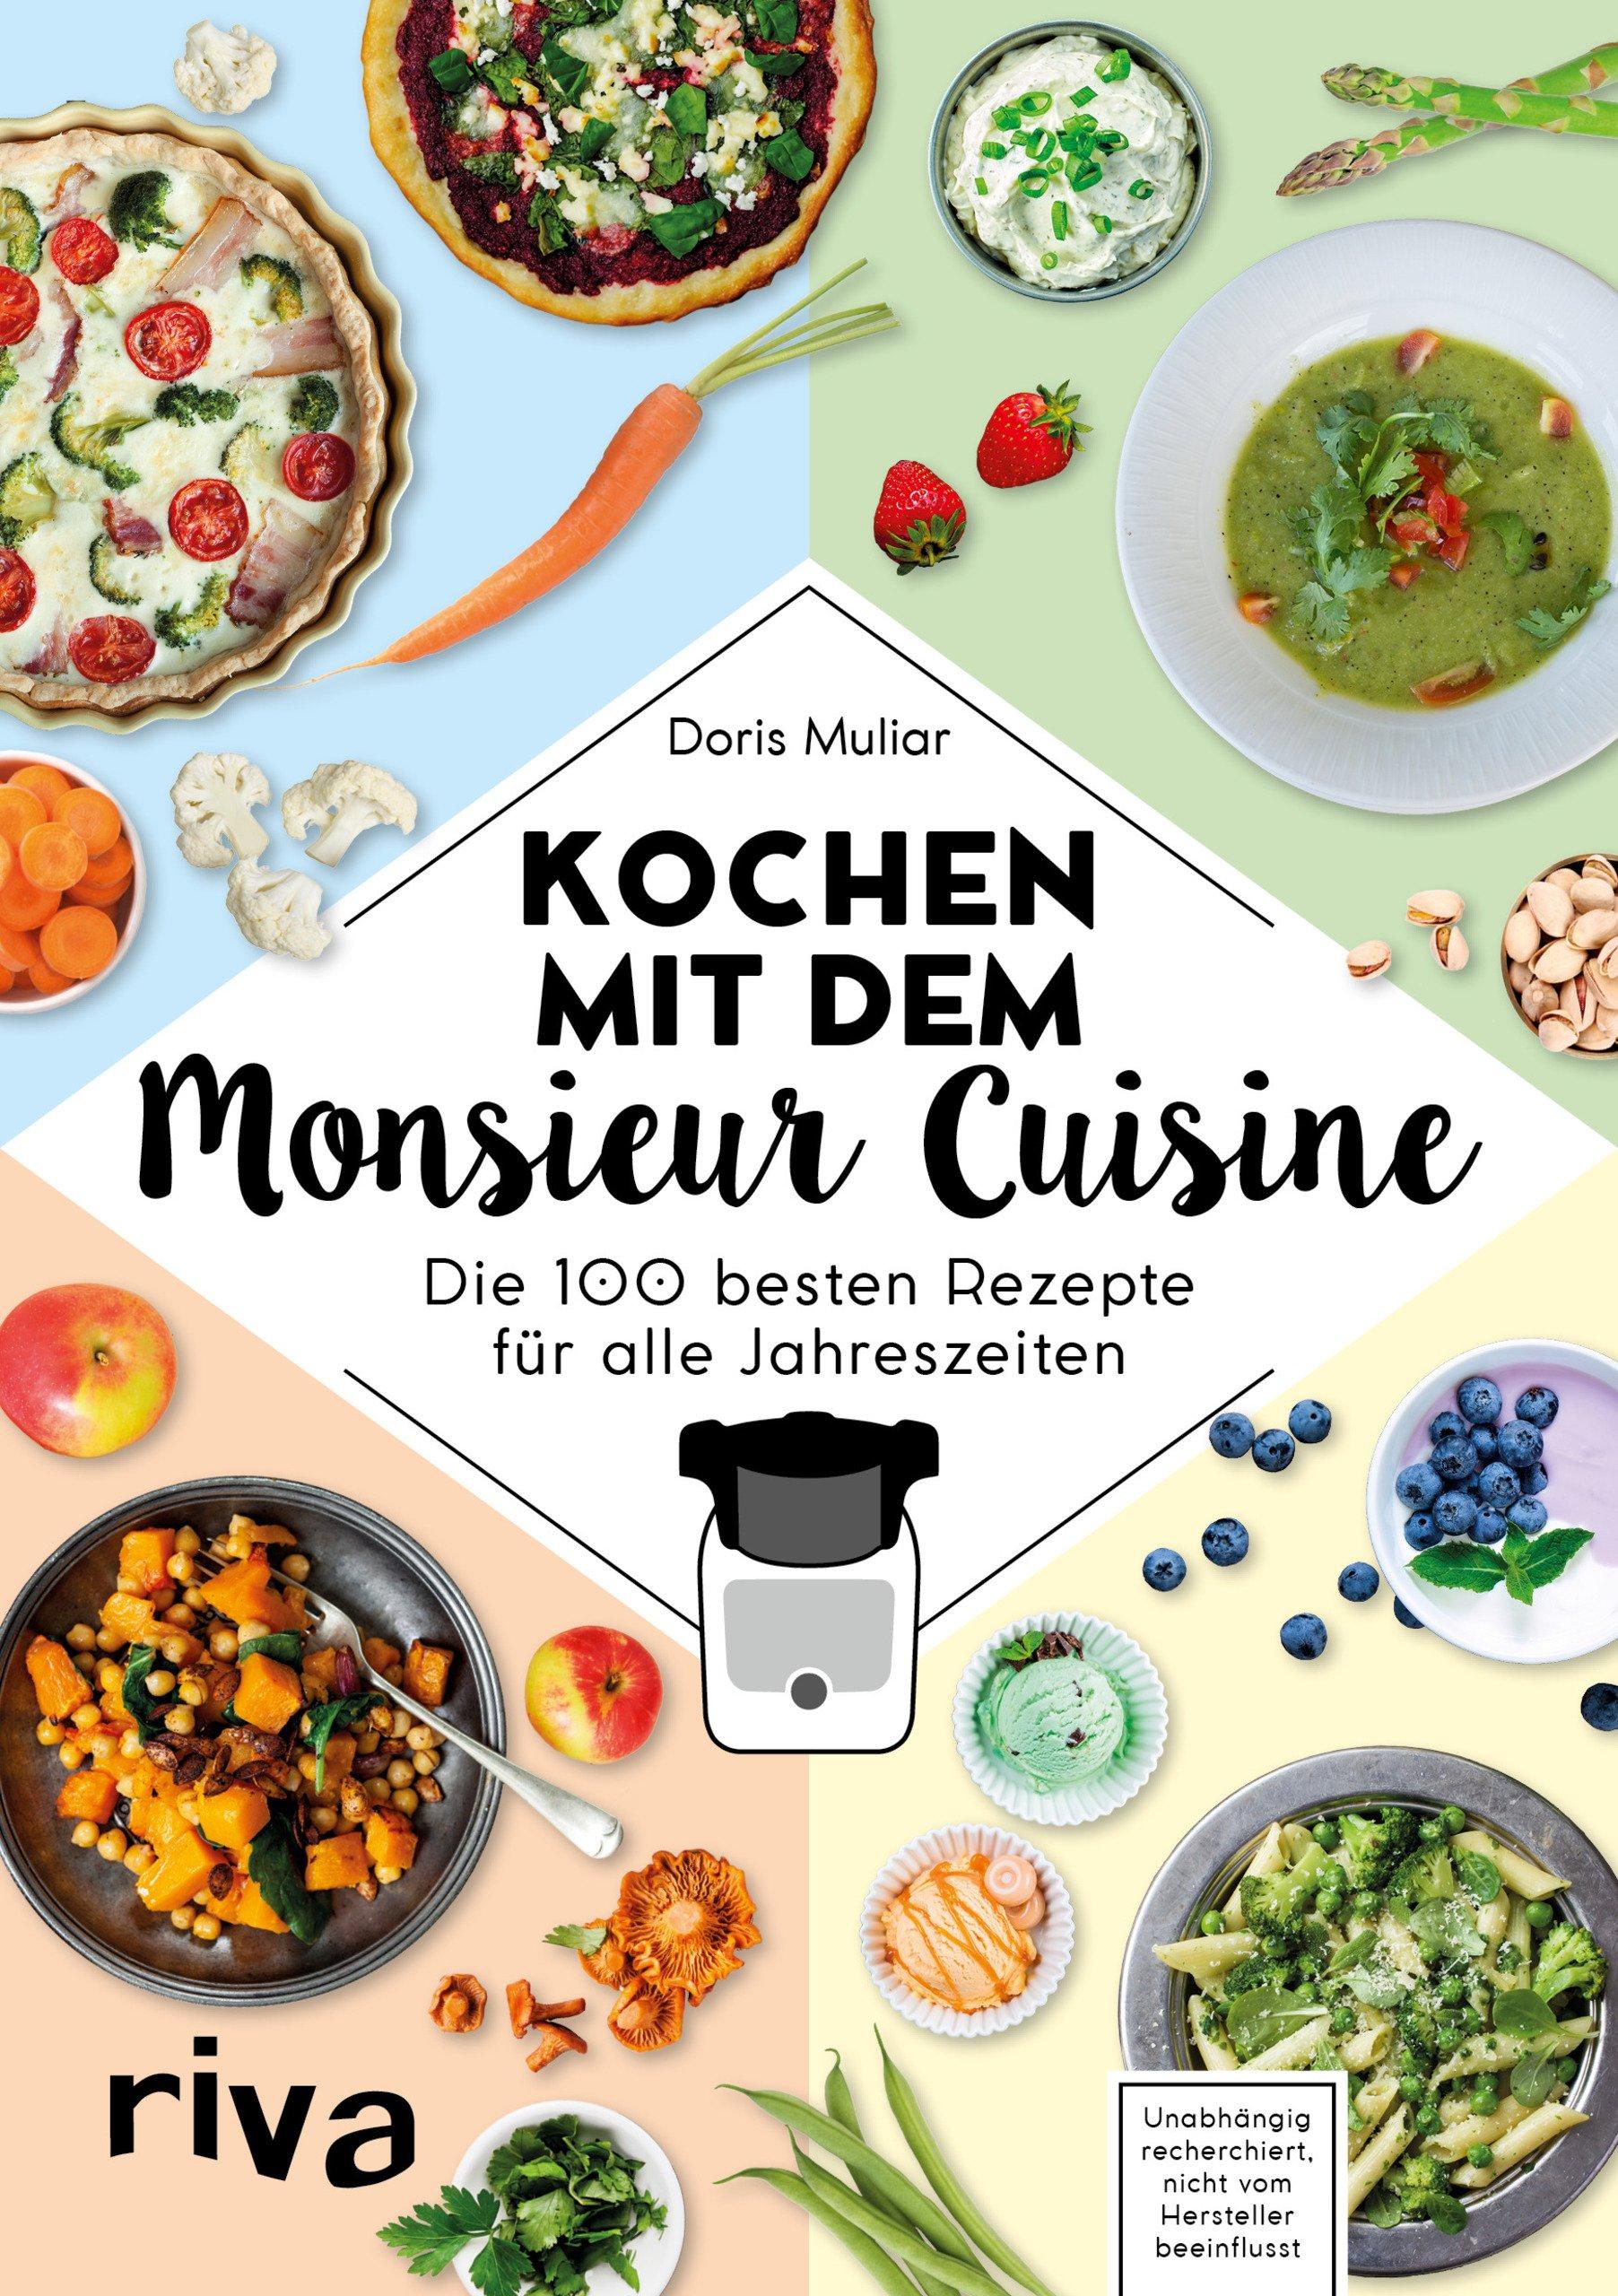 Kochen Mit Dem Monsieur Cuisine Die 100 Besten Rezepte Für Alle